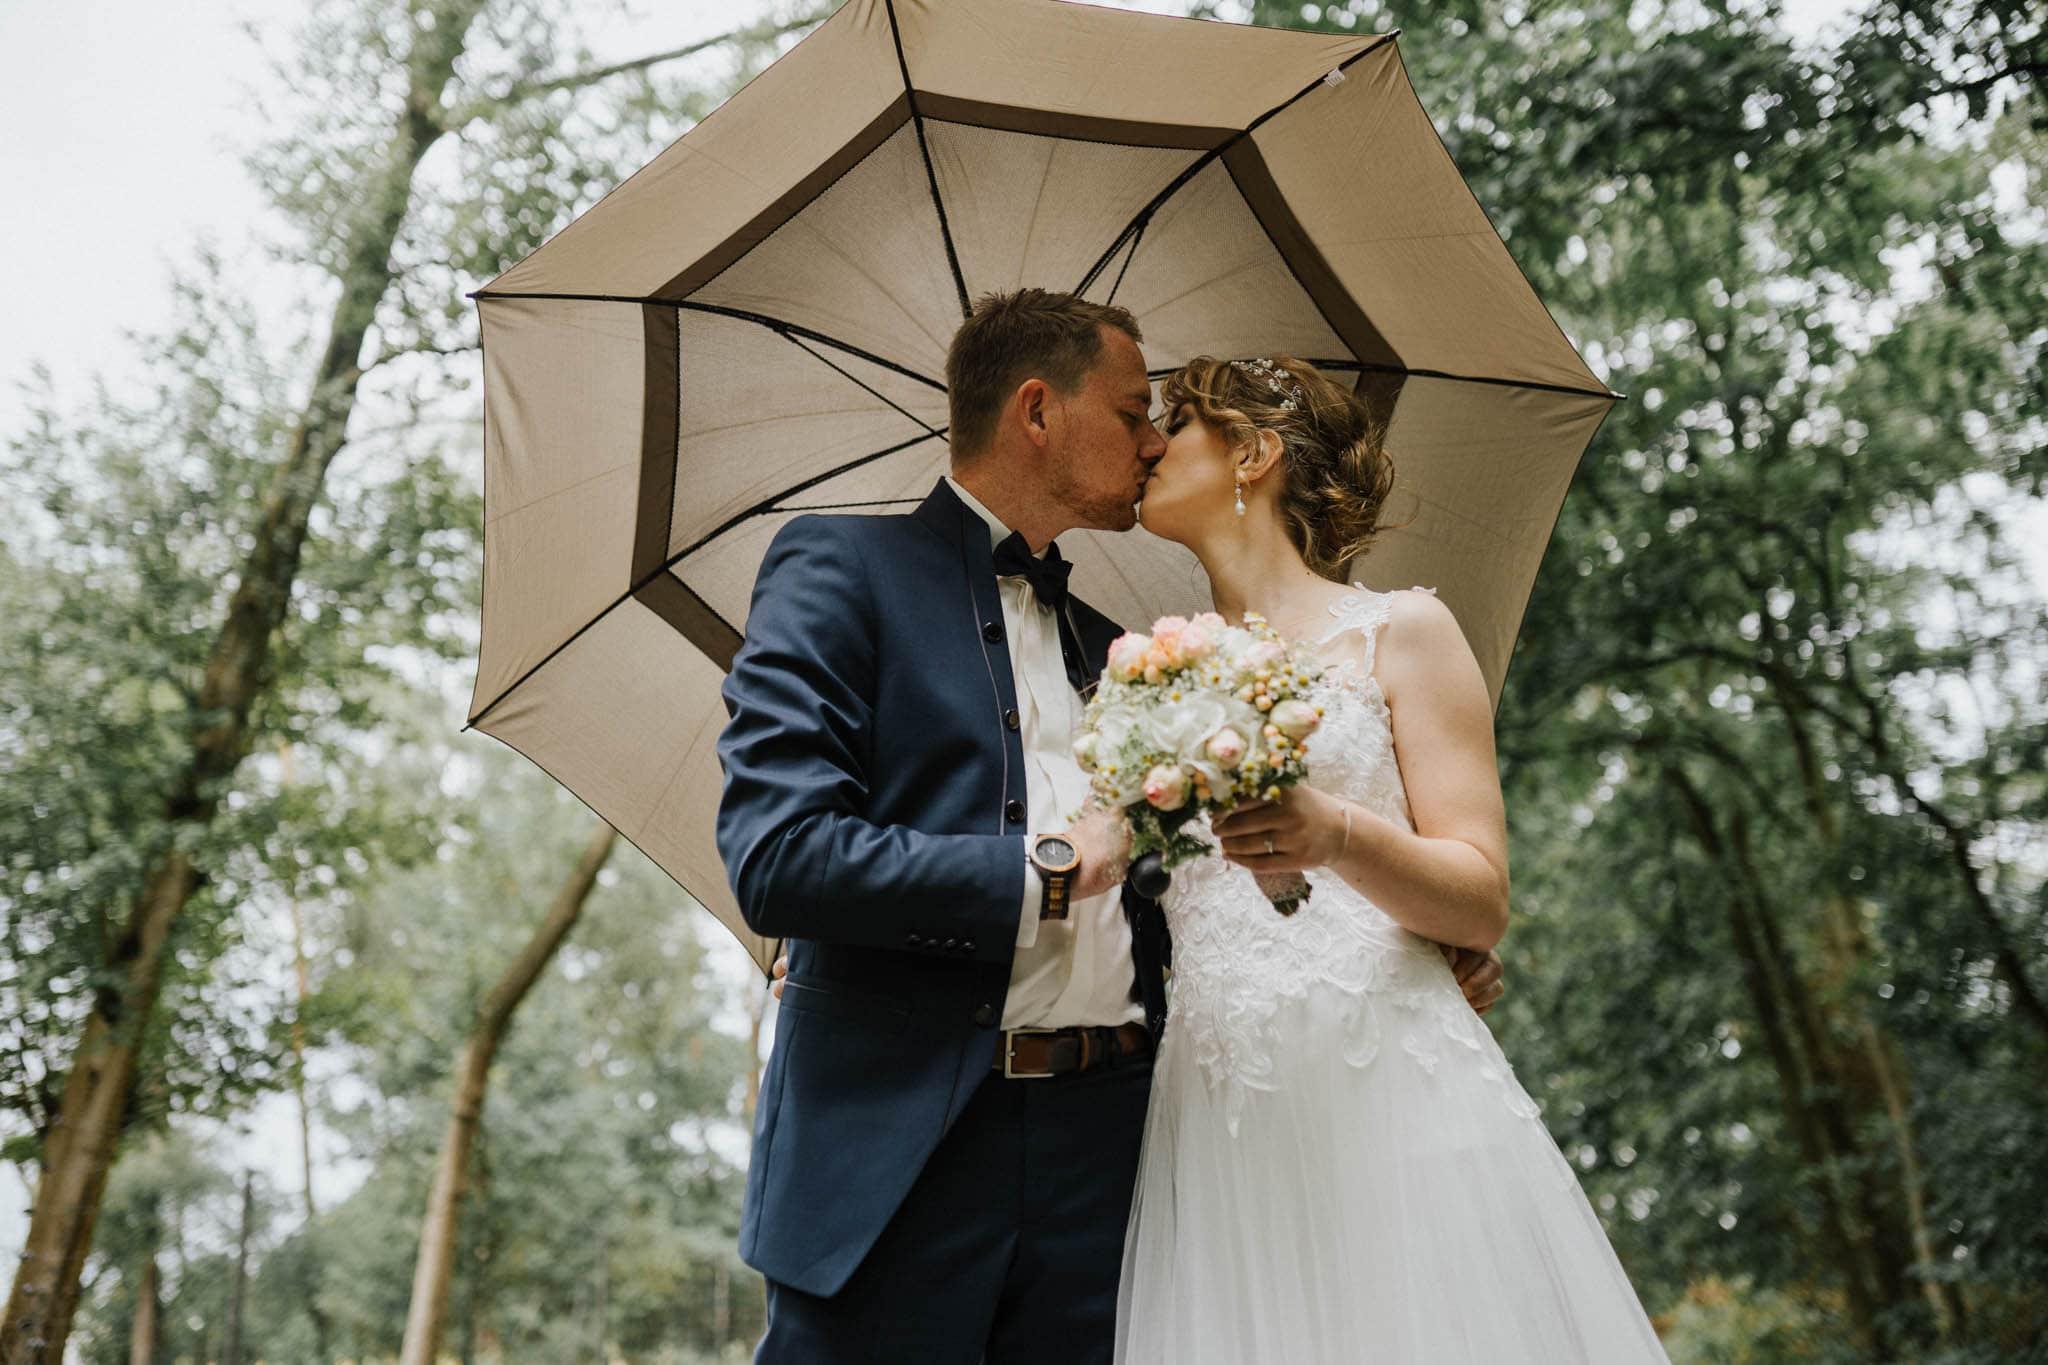 Hochzeitsfieber by Photo-Schomburg, Hoichzeitsfotograf, Hamburg, Wedding, Weddingtime, Hochzeitspaar, Braut, Bräutigam, Hochzeit im Norden,-111